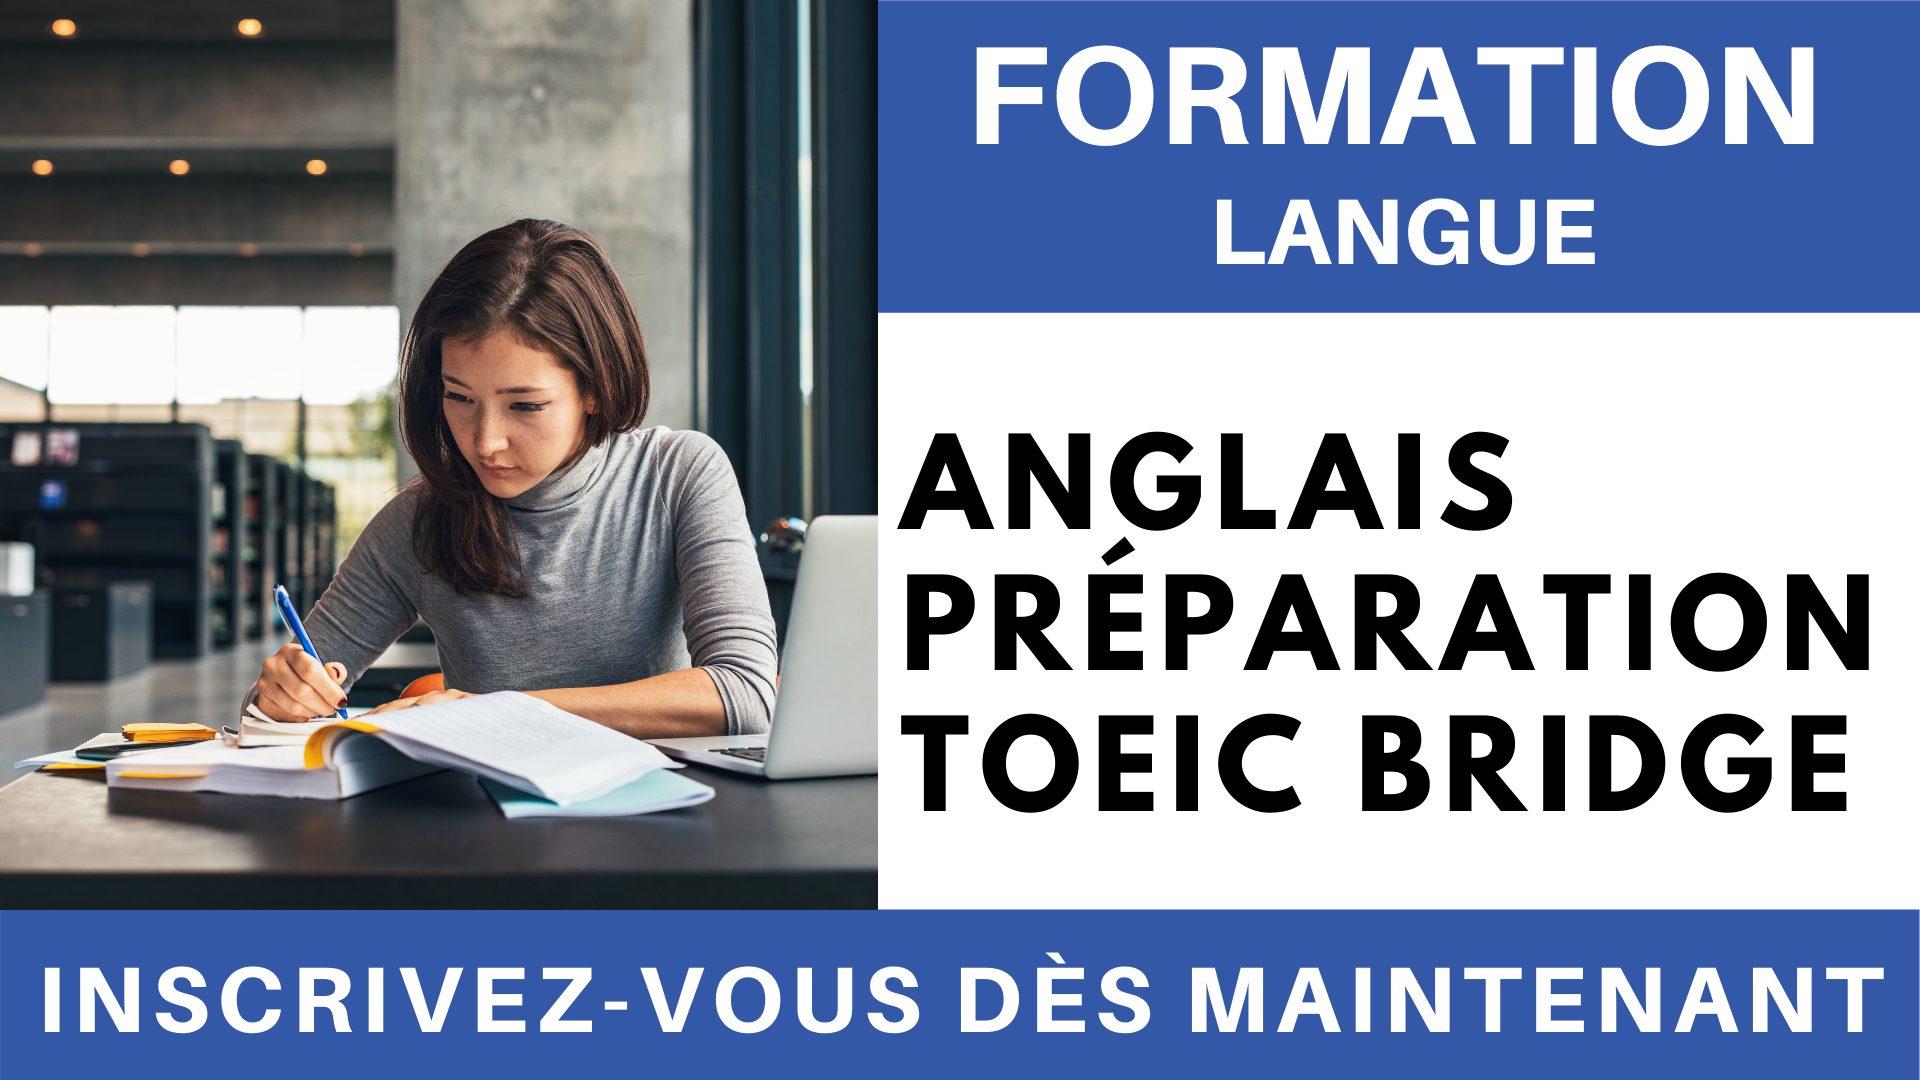 Formation Langue - Anglais Préparation TOEIC Bridge